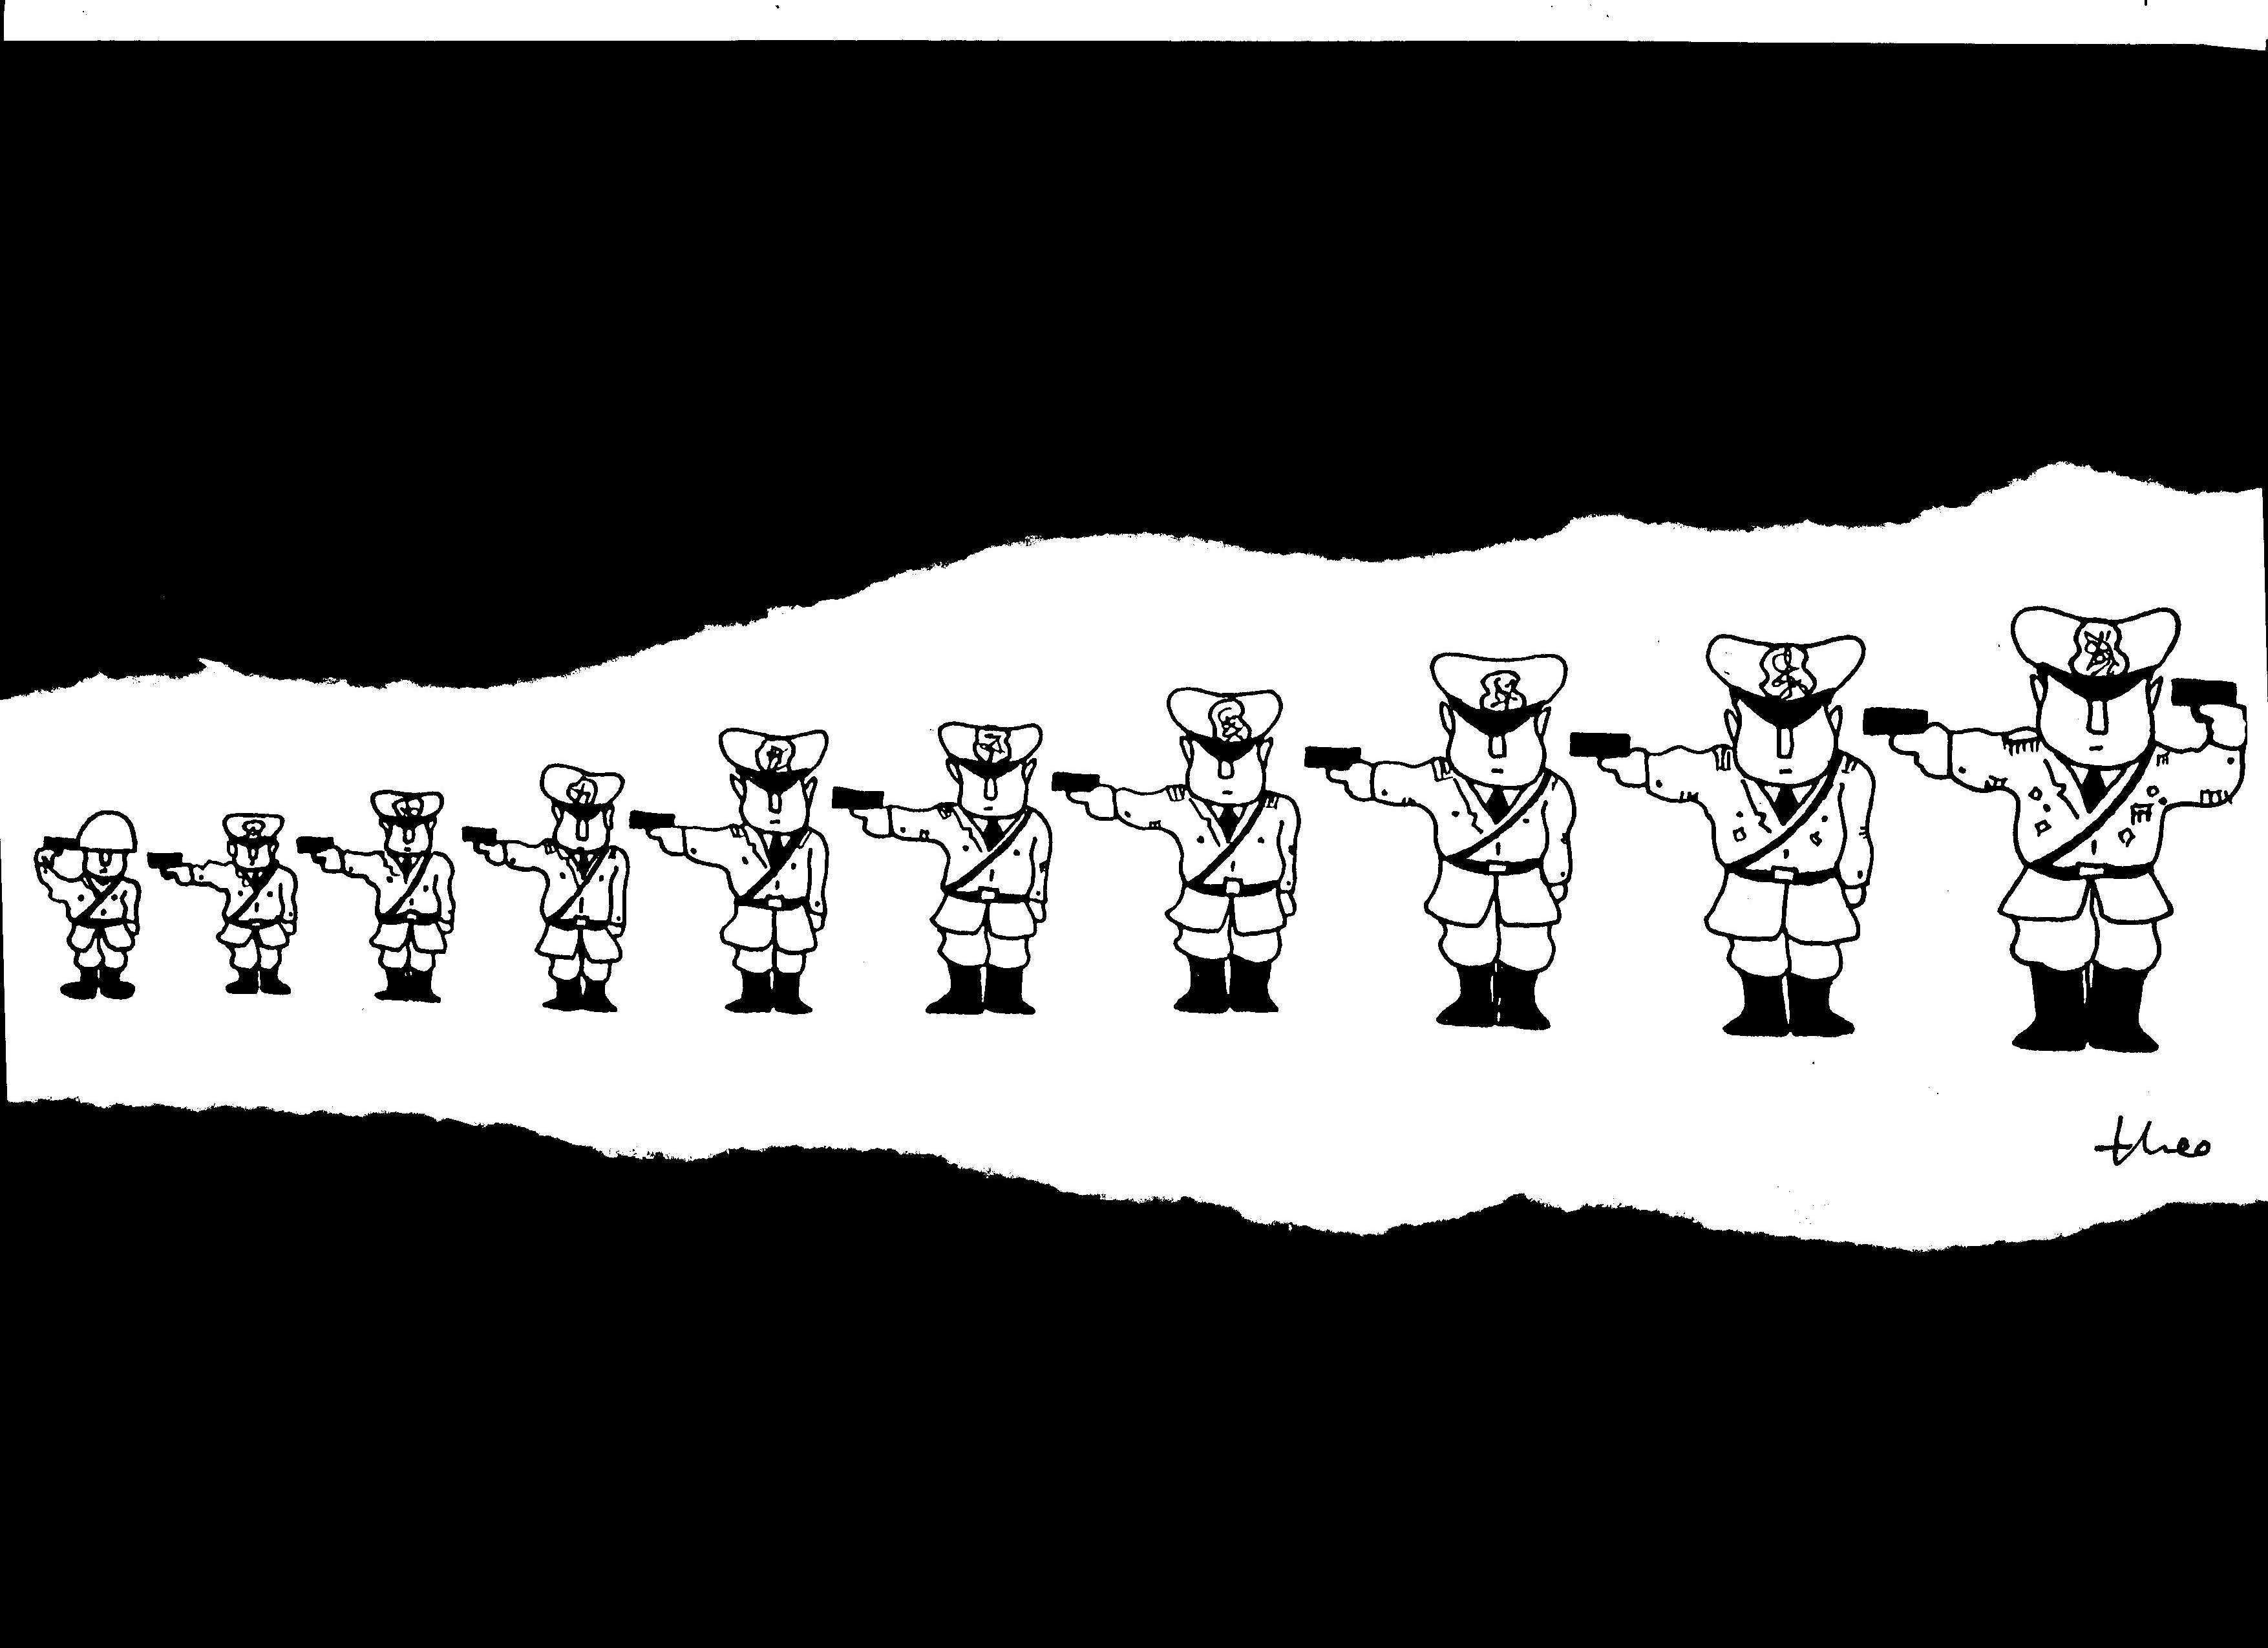 Θεοδόσης Βρανάς. Κλειστό κύκλωμα